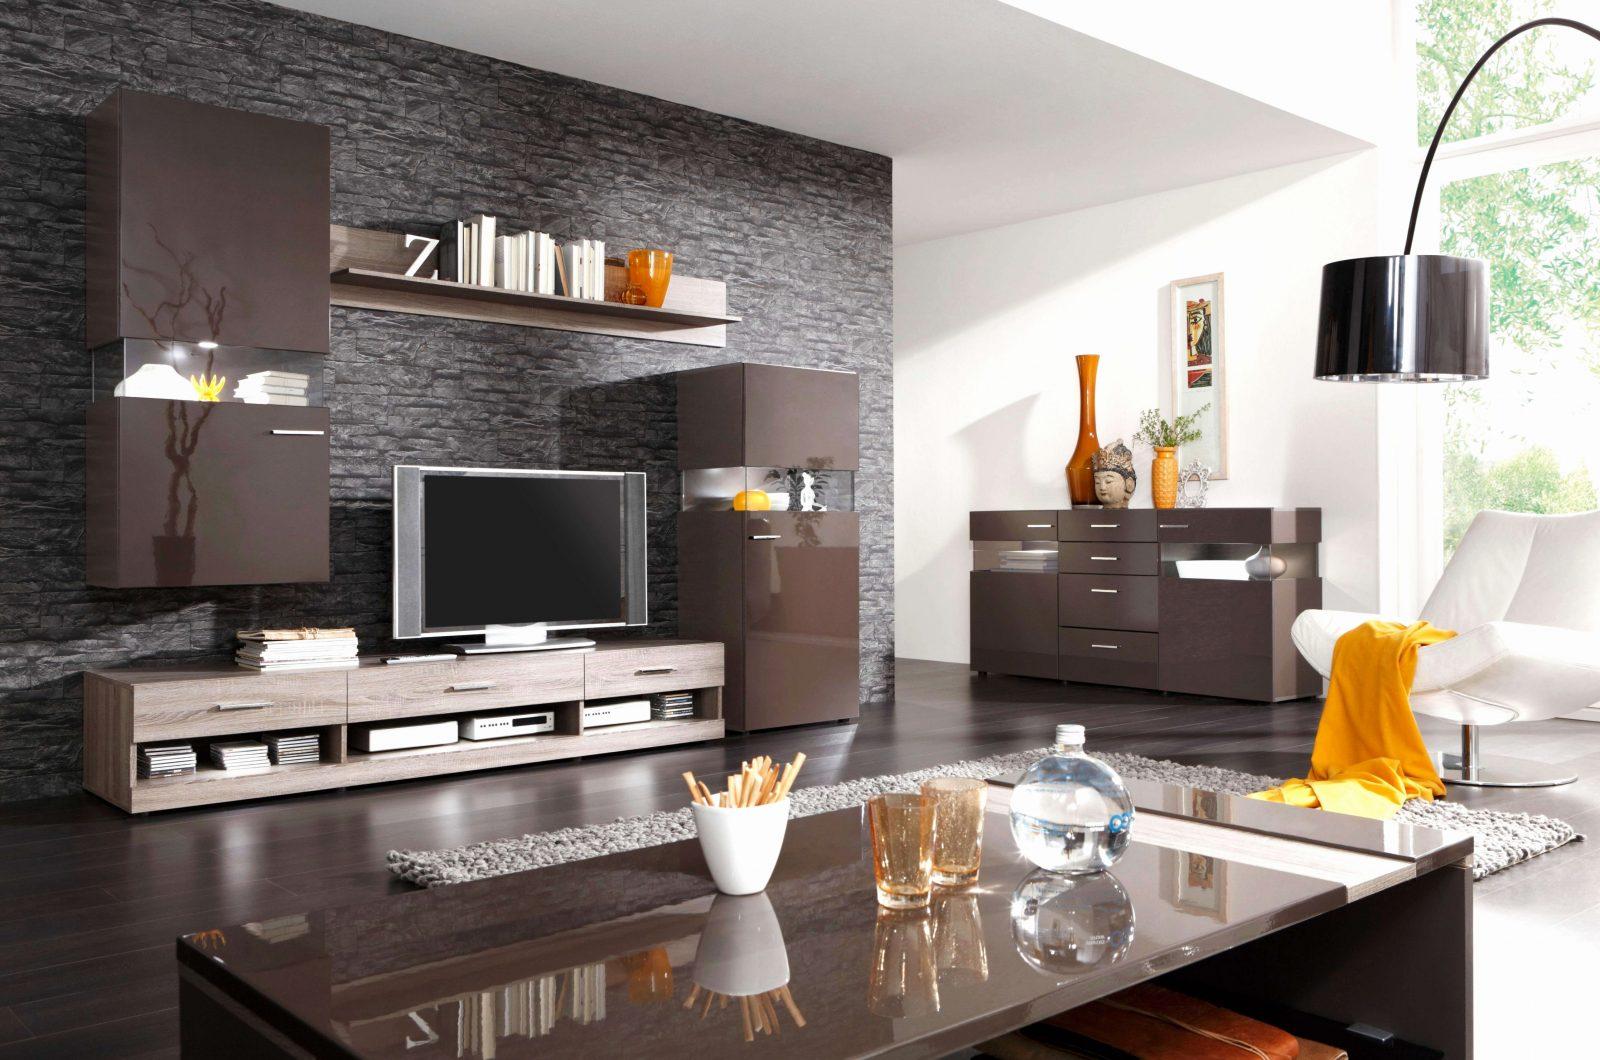 Wohnzimmer Selber Bauen Indirekte Beleuchtung Schoumln von Holzwand Wohnzimmer Selber Bauen Bild